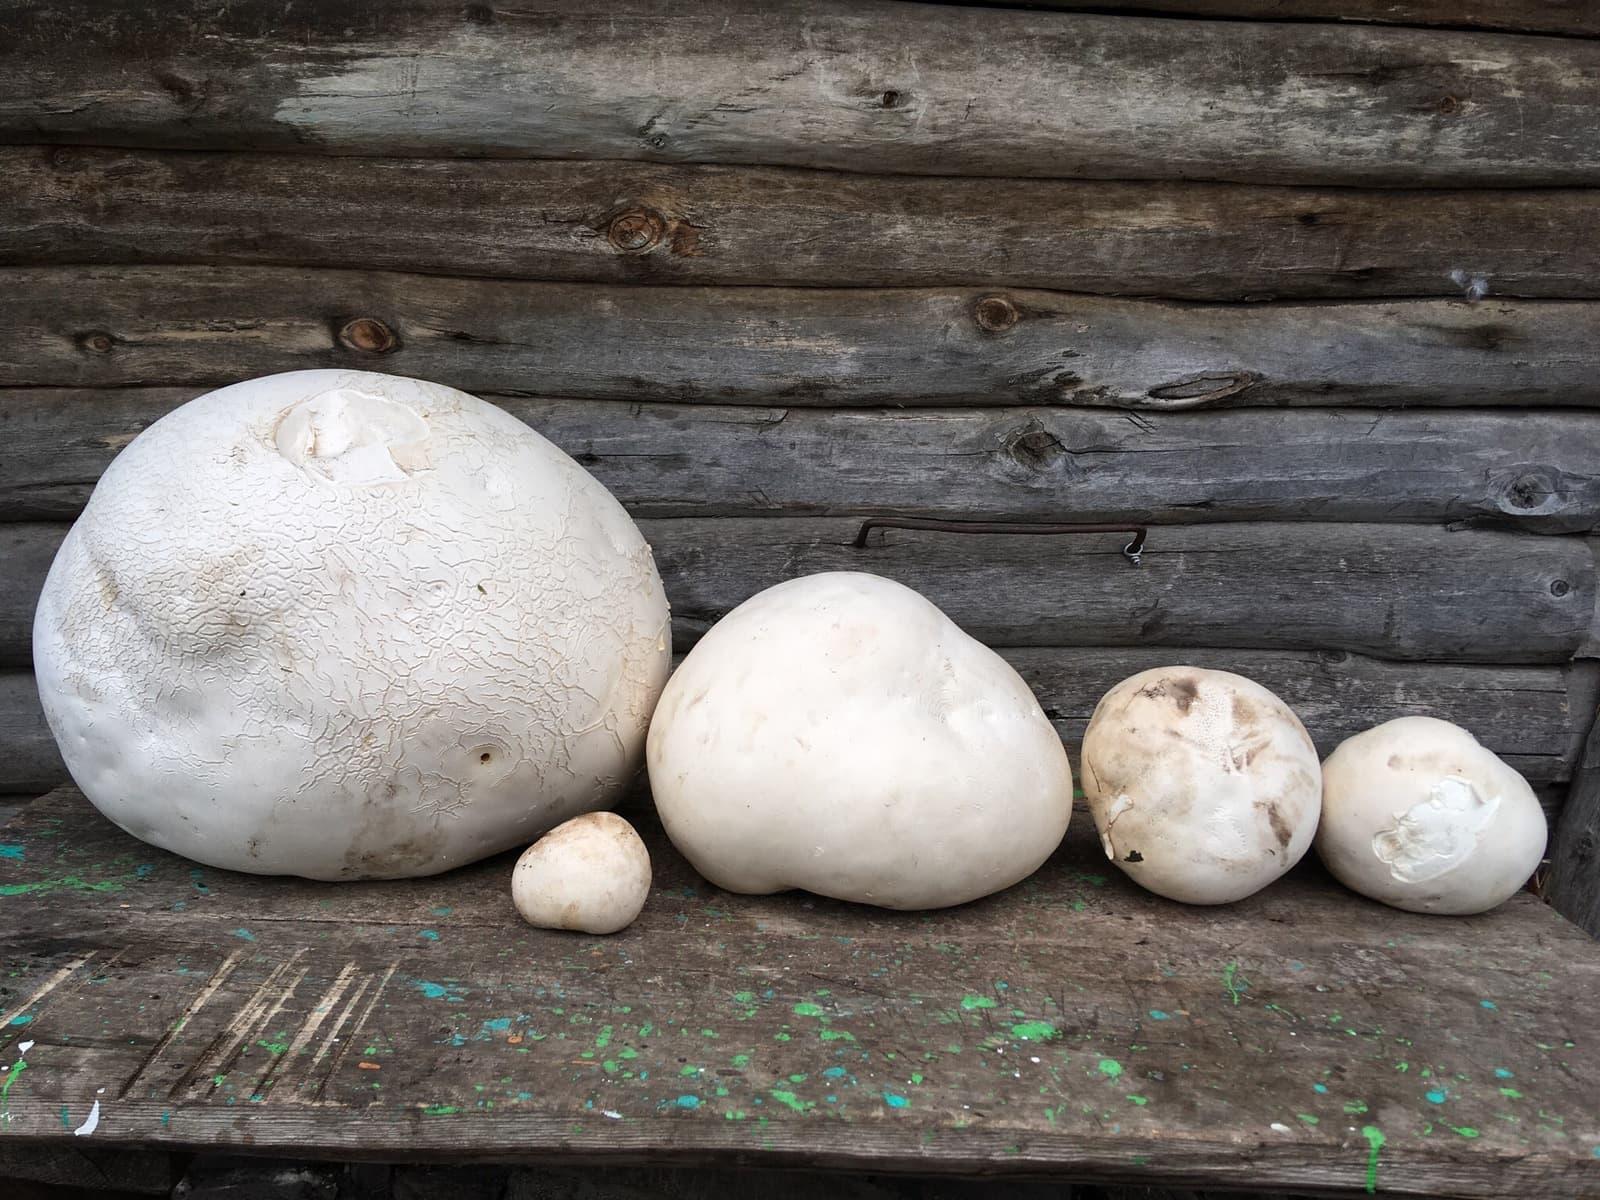 В Белорецком районе нашли гигантский гриб-дождевик